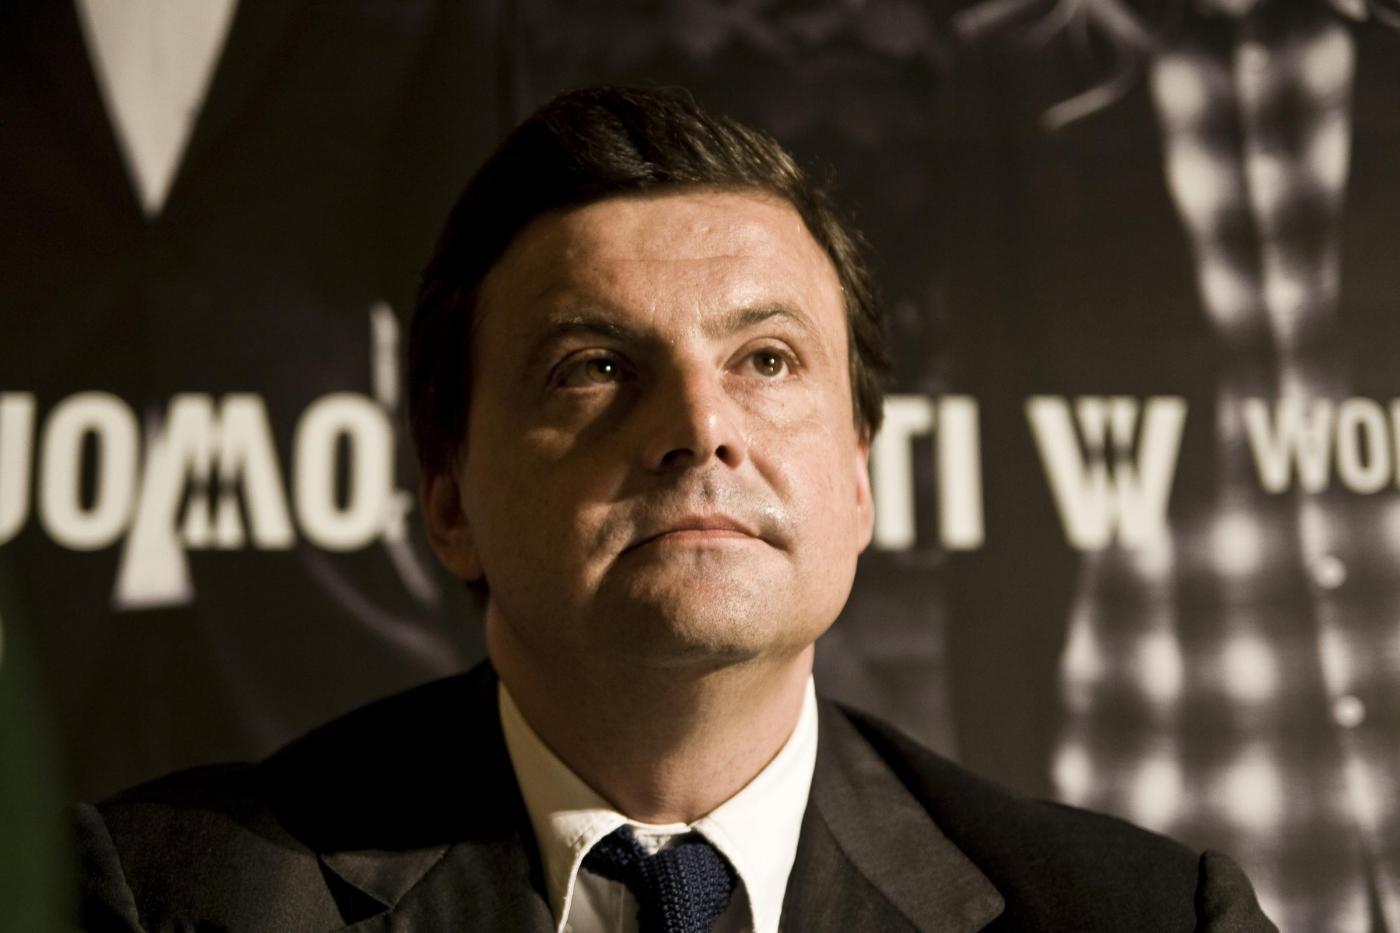 Viceministri governo Renzi: Bubbico, Pistelli, Costa, Morando, Casero, Nencini, Olivero, Calenda, De Vincenti